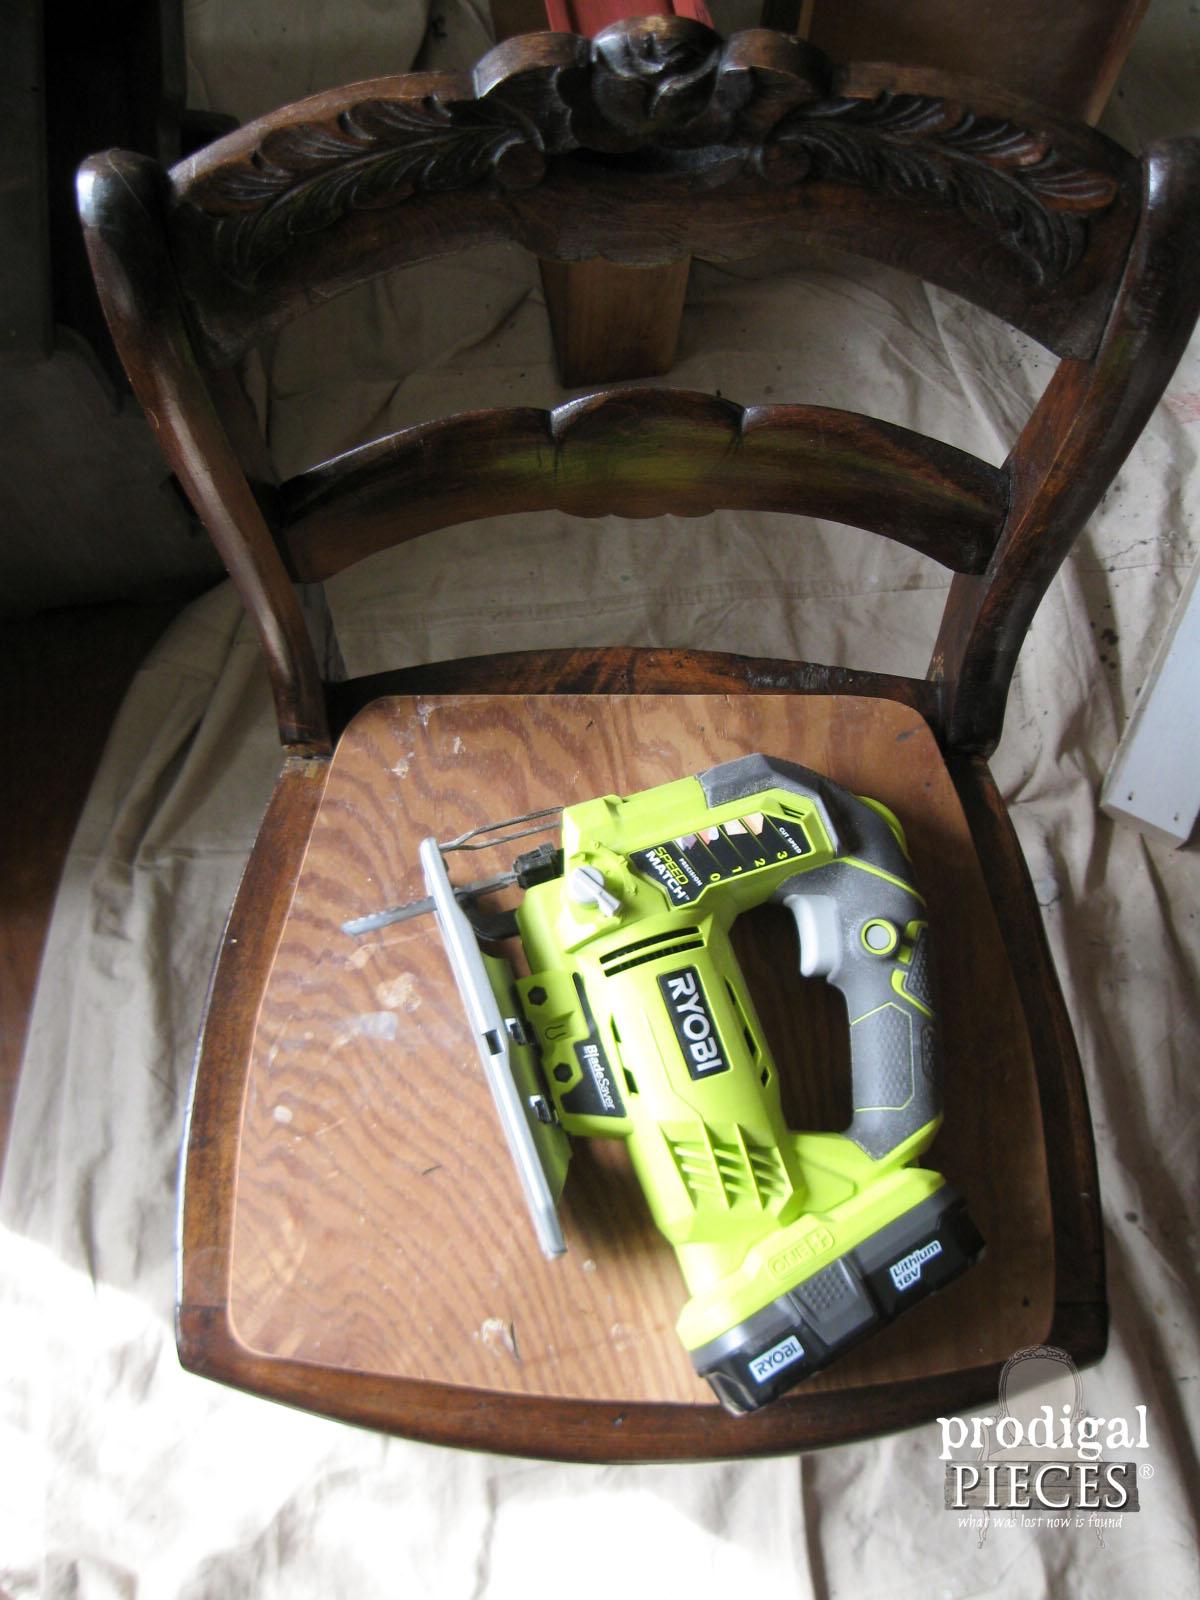 Ryobi Jigsaw Sitting on New Chair Seat | Prodigal Pieces | www.prodigalpieces.com